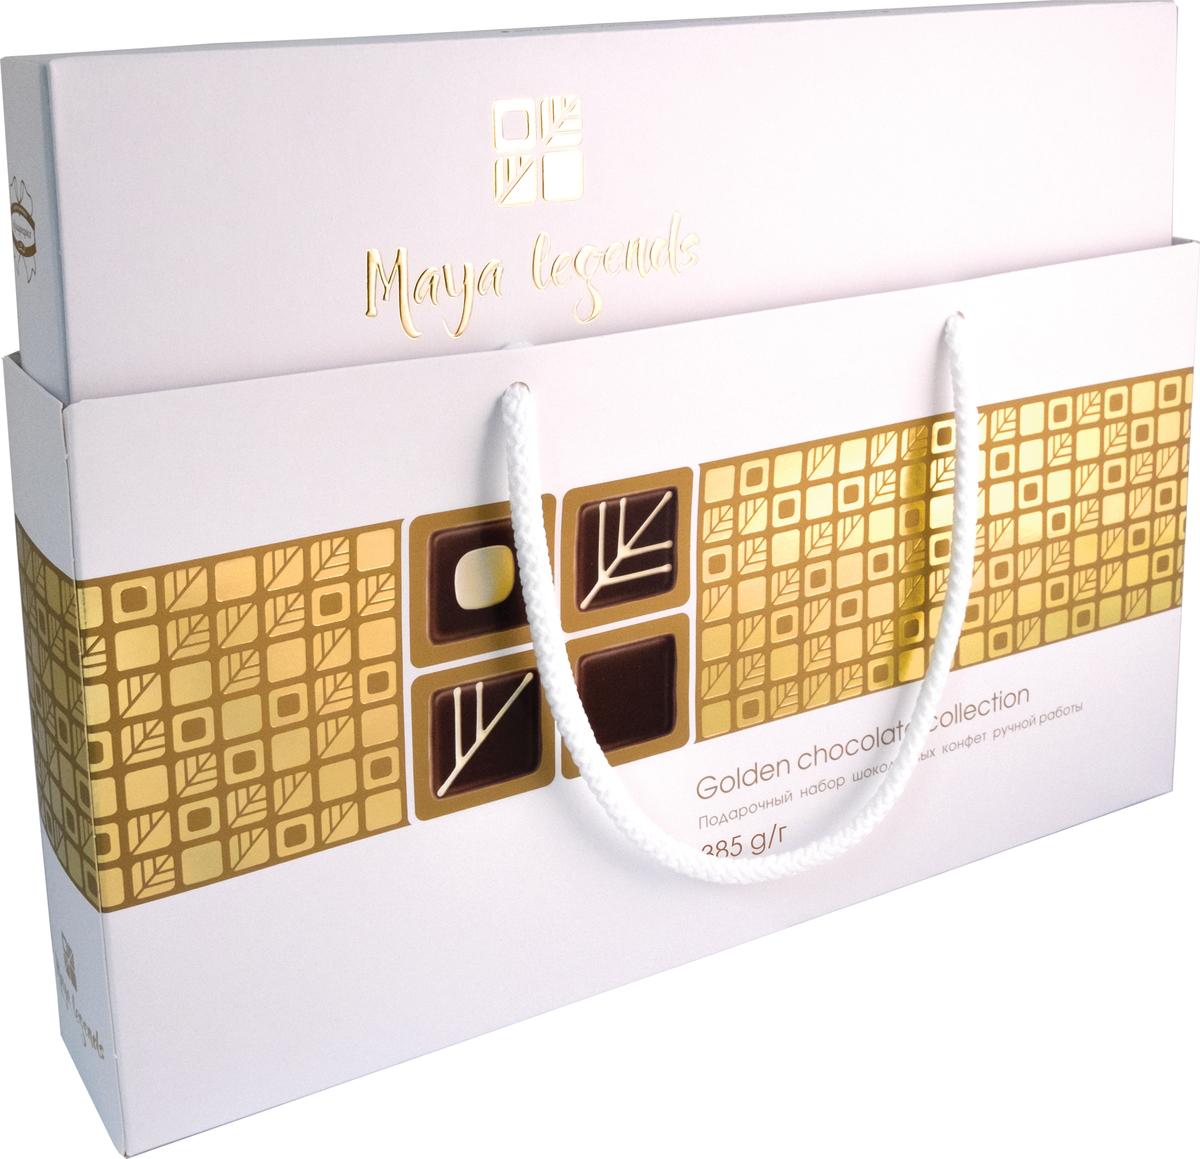 Коммунарка Легенды майя набор конфет цвет белый, 385 г славянка золотой степ конфеты 192 г